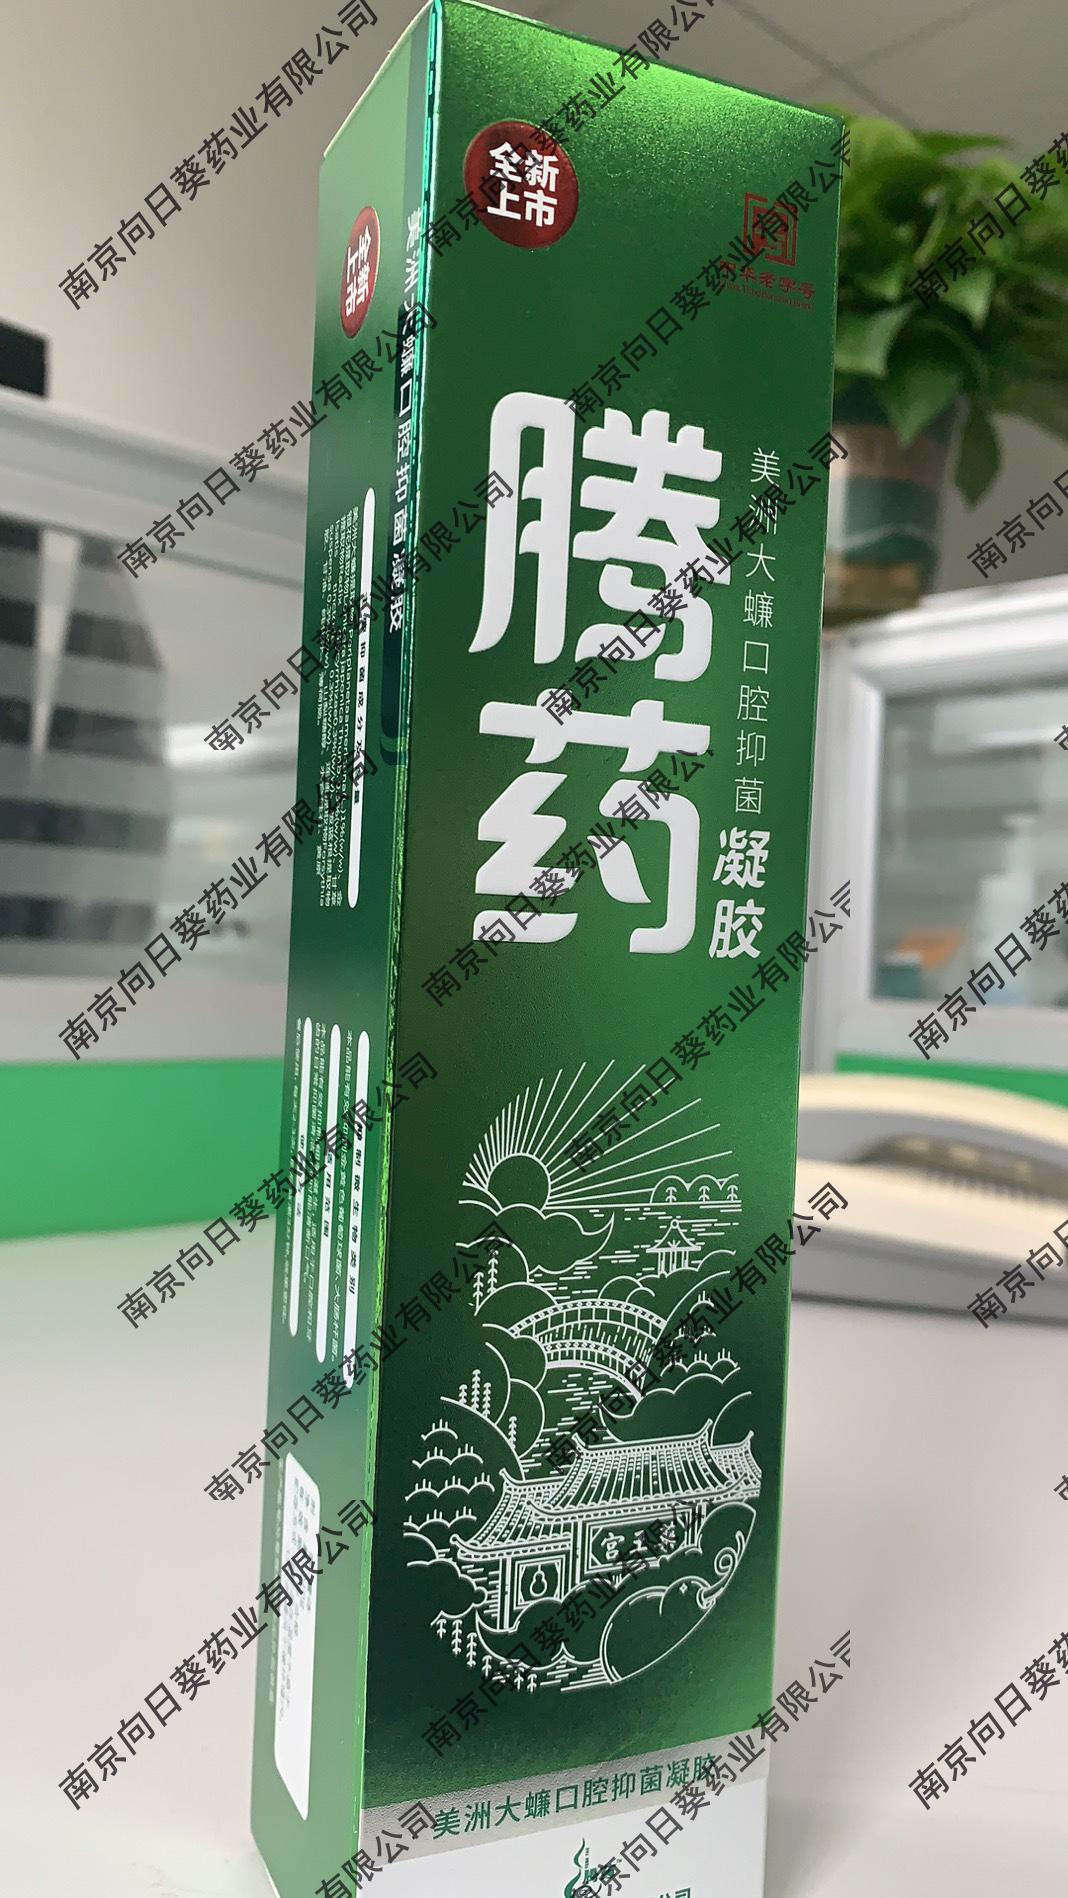 (南京向日葵)中藥牙膏加工廠-牙膏OEM加工_牙膏定制加工_牙膏貼牌生產